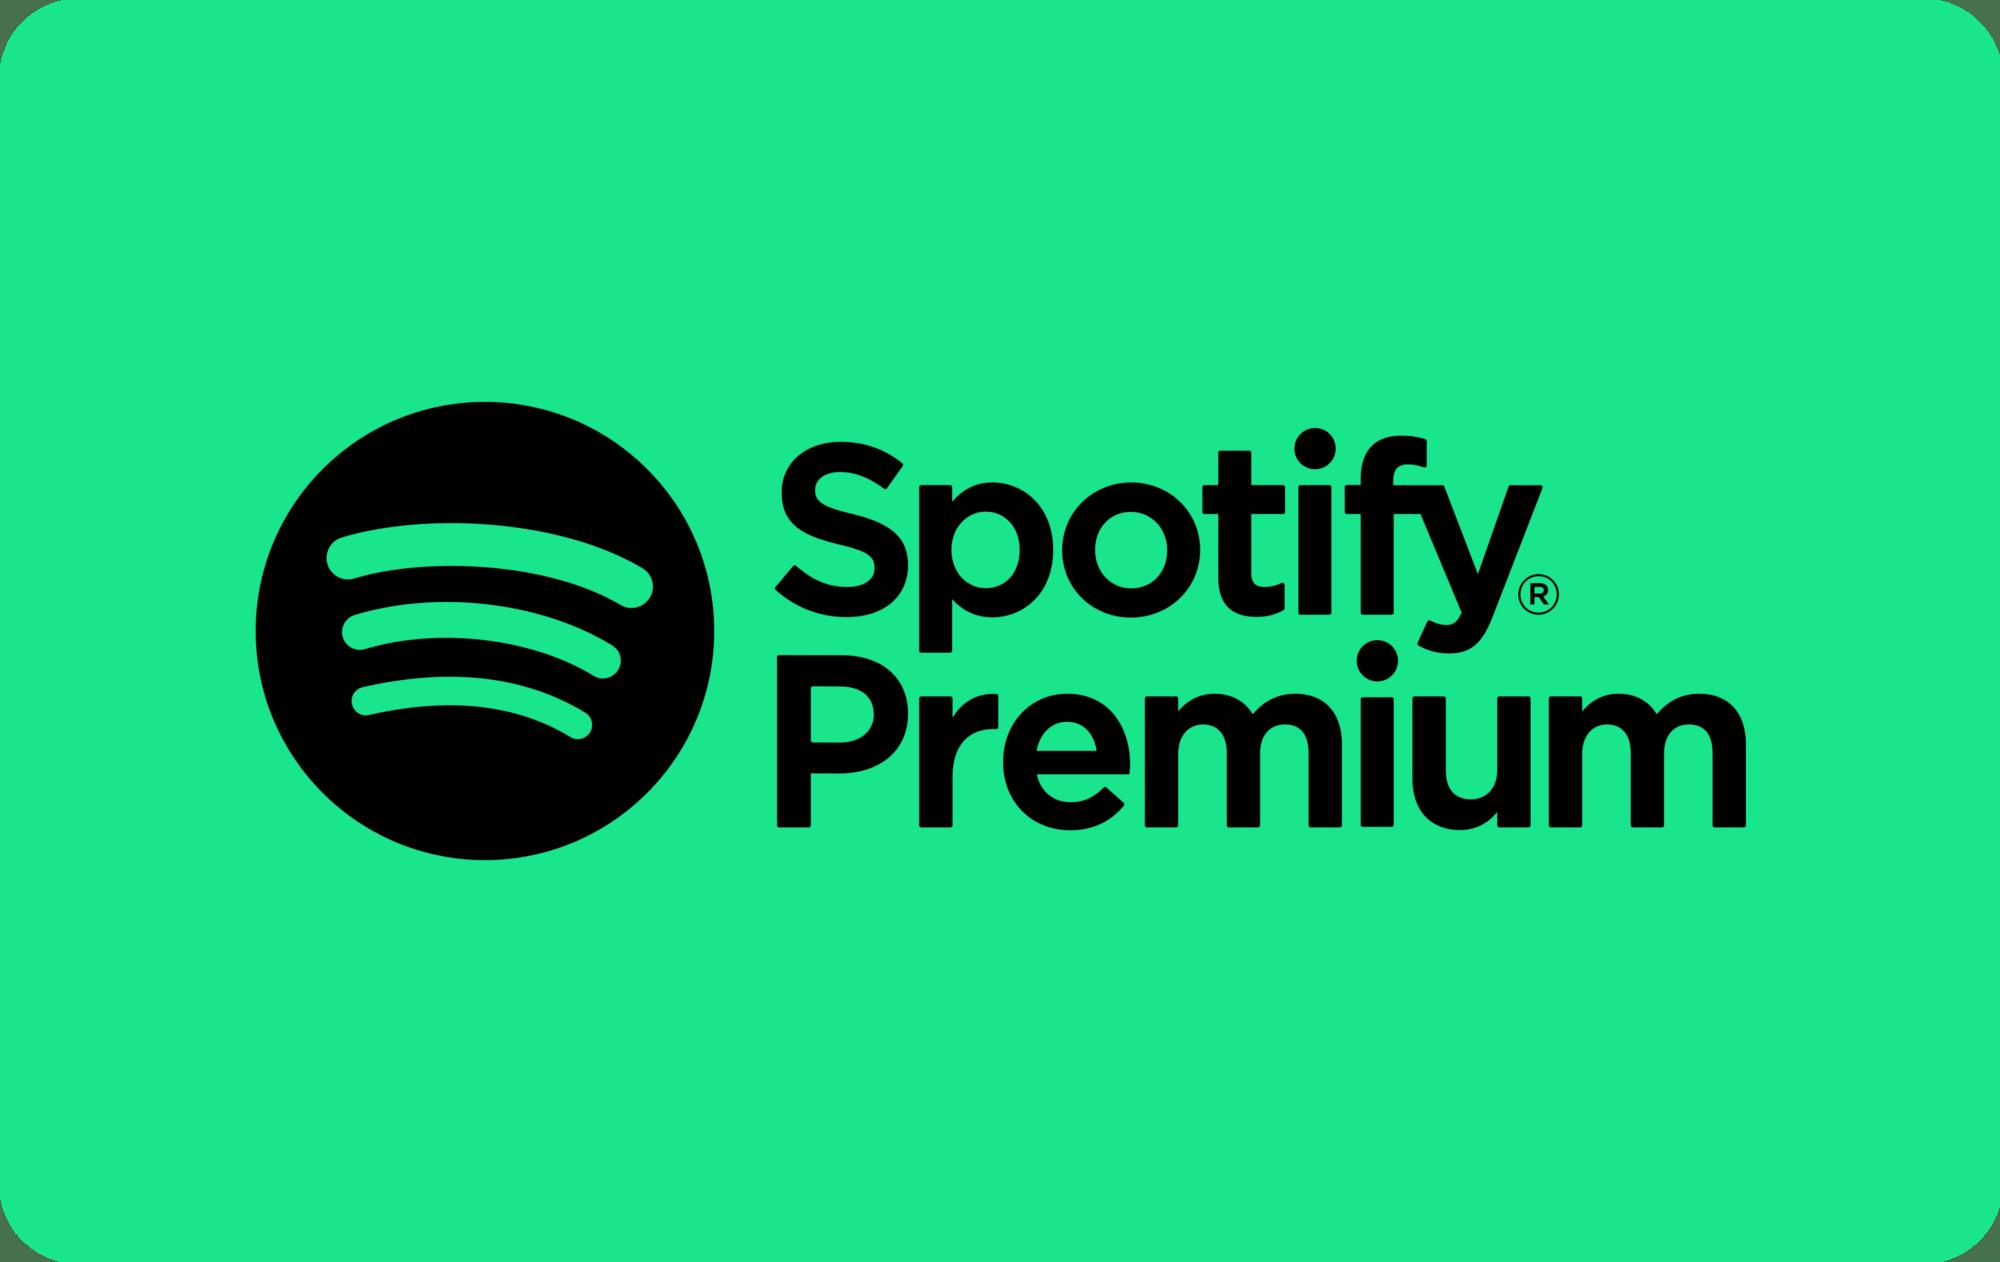 Spotify Gratis: scopri come attivare tre mesi di Premium gratuiti thumbnail